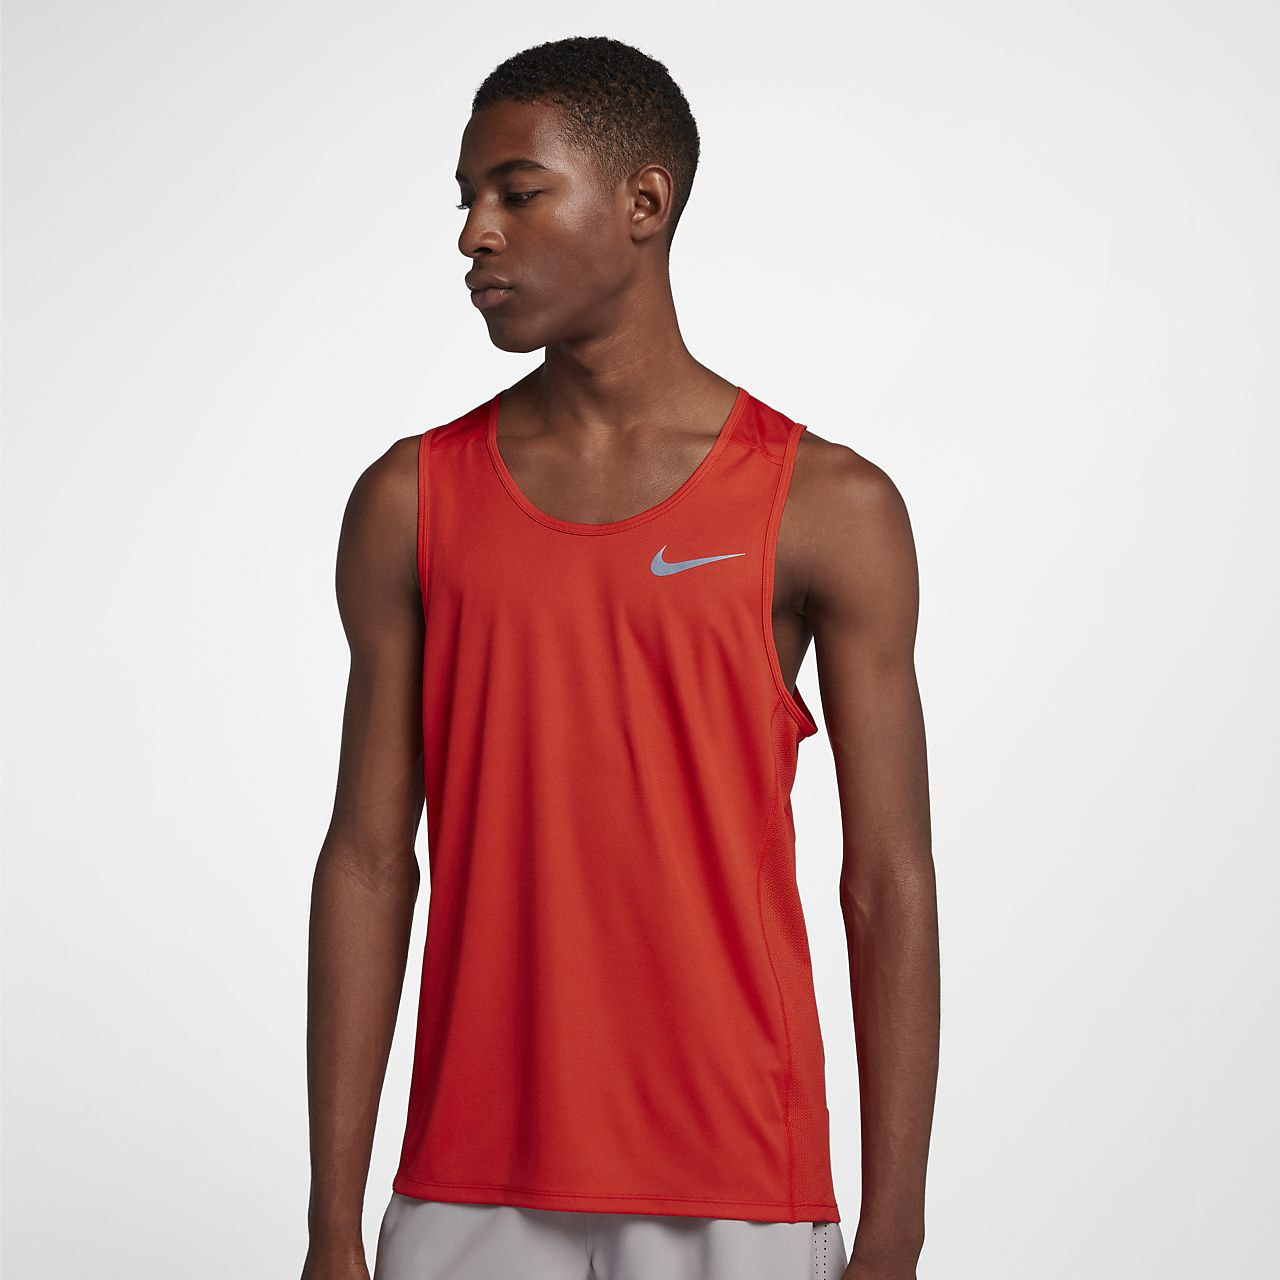 Ανδρικό φανελάκι για τρέξιμο Nike Cool Miler